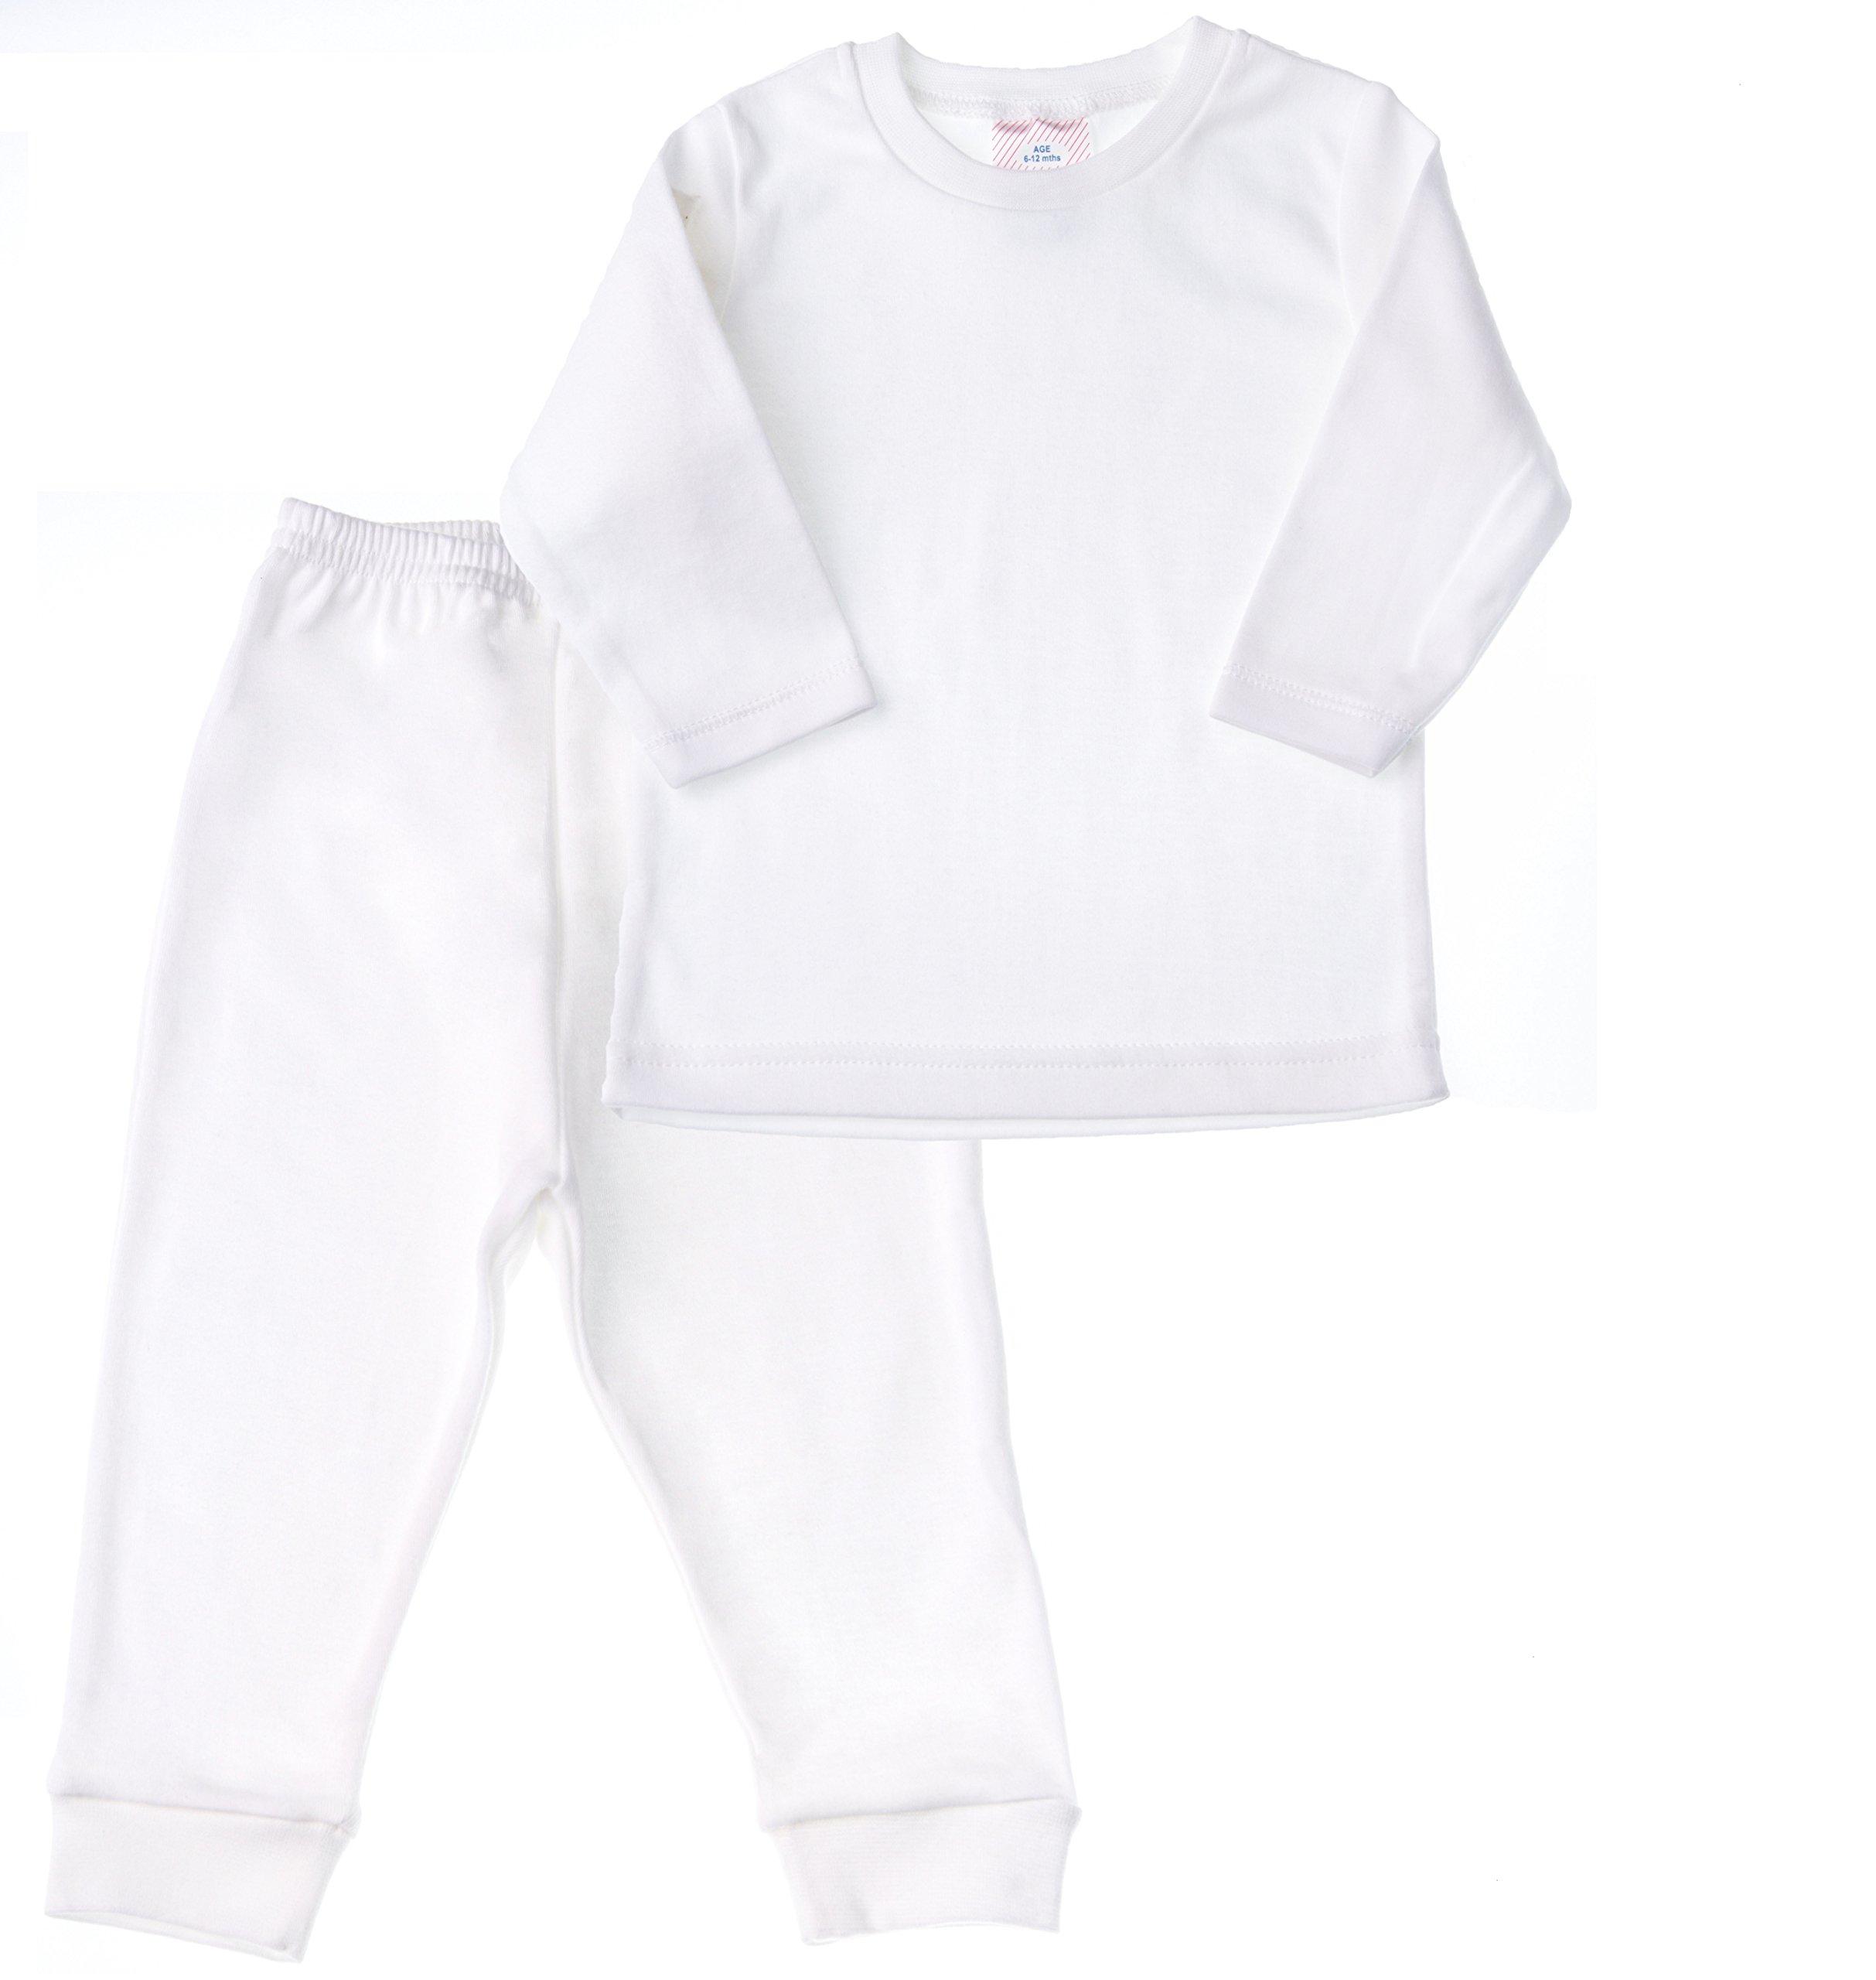 Baby Jay Long Sleeve T-Shirt & Leggings Cotton Pajama Set, WTLR+WLEG 24-36 1-Pack